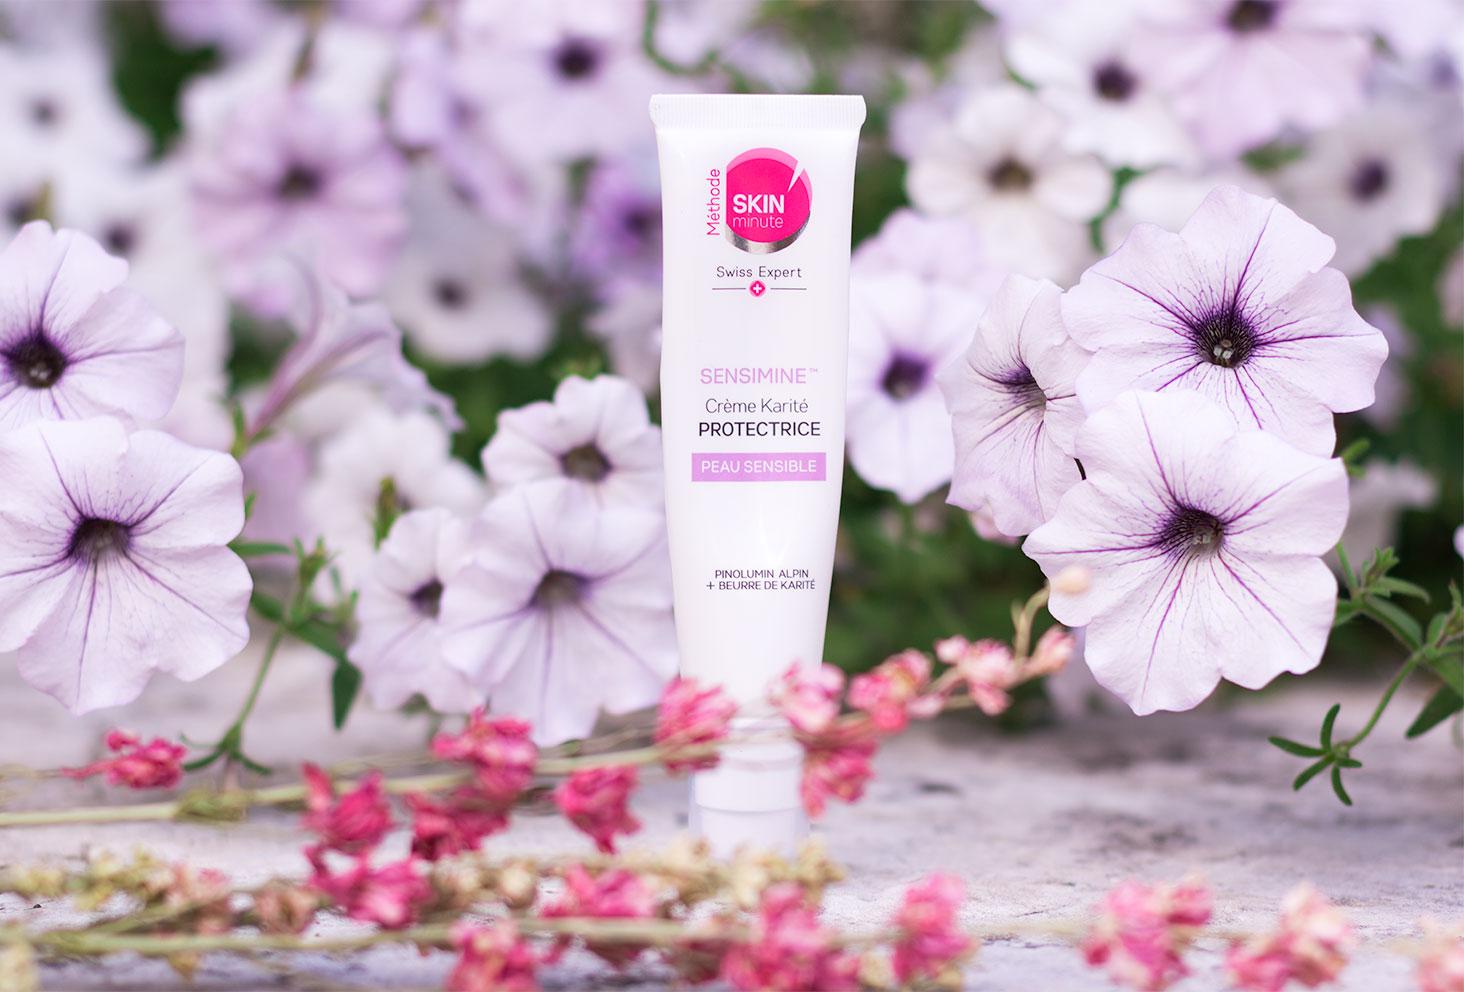 La crème Sensimine protectrice au karité au milieu des fleurs roses pour la routine visage idéale de l'été